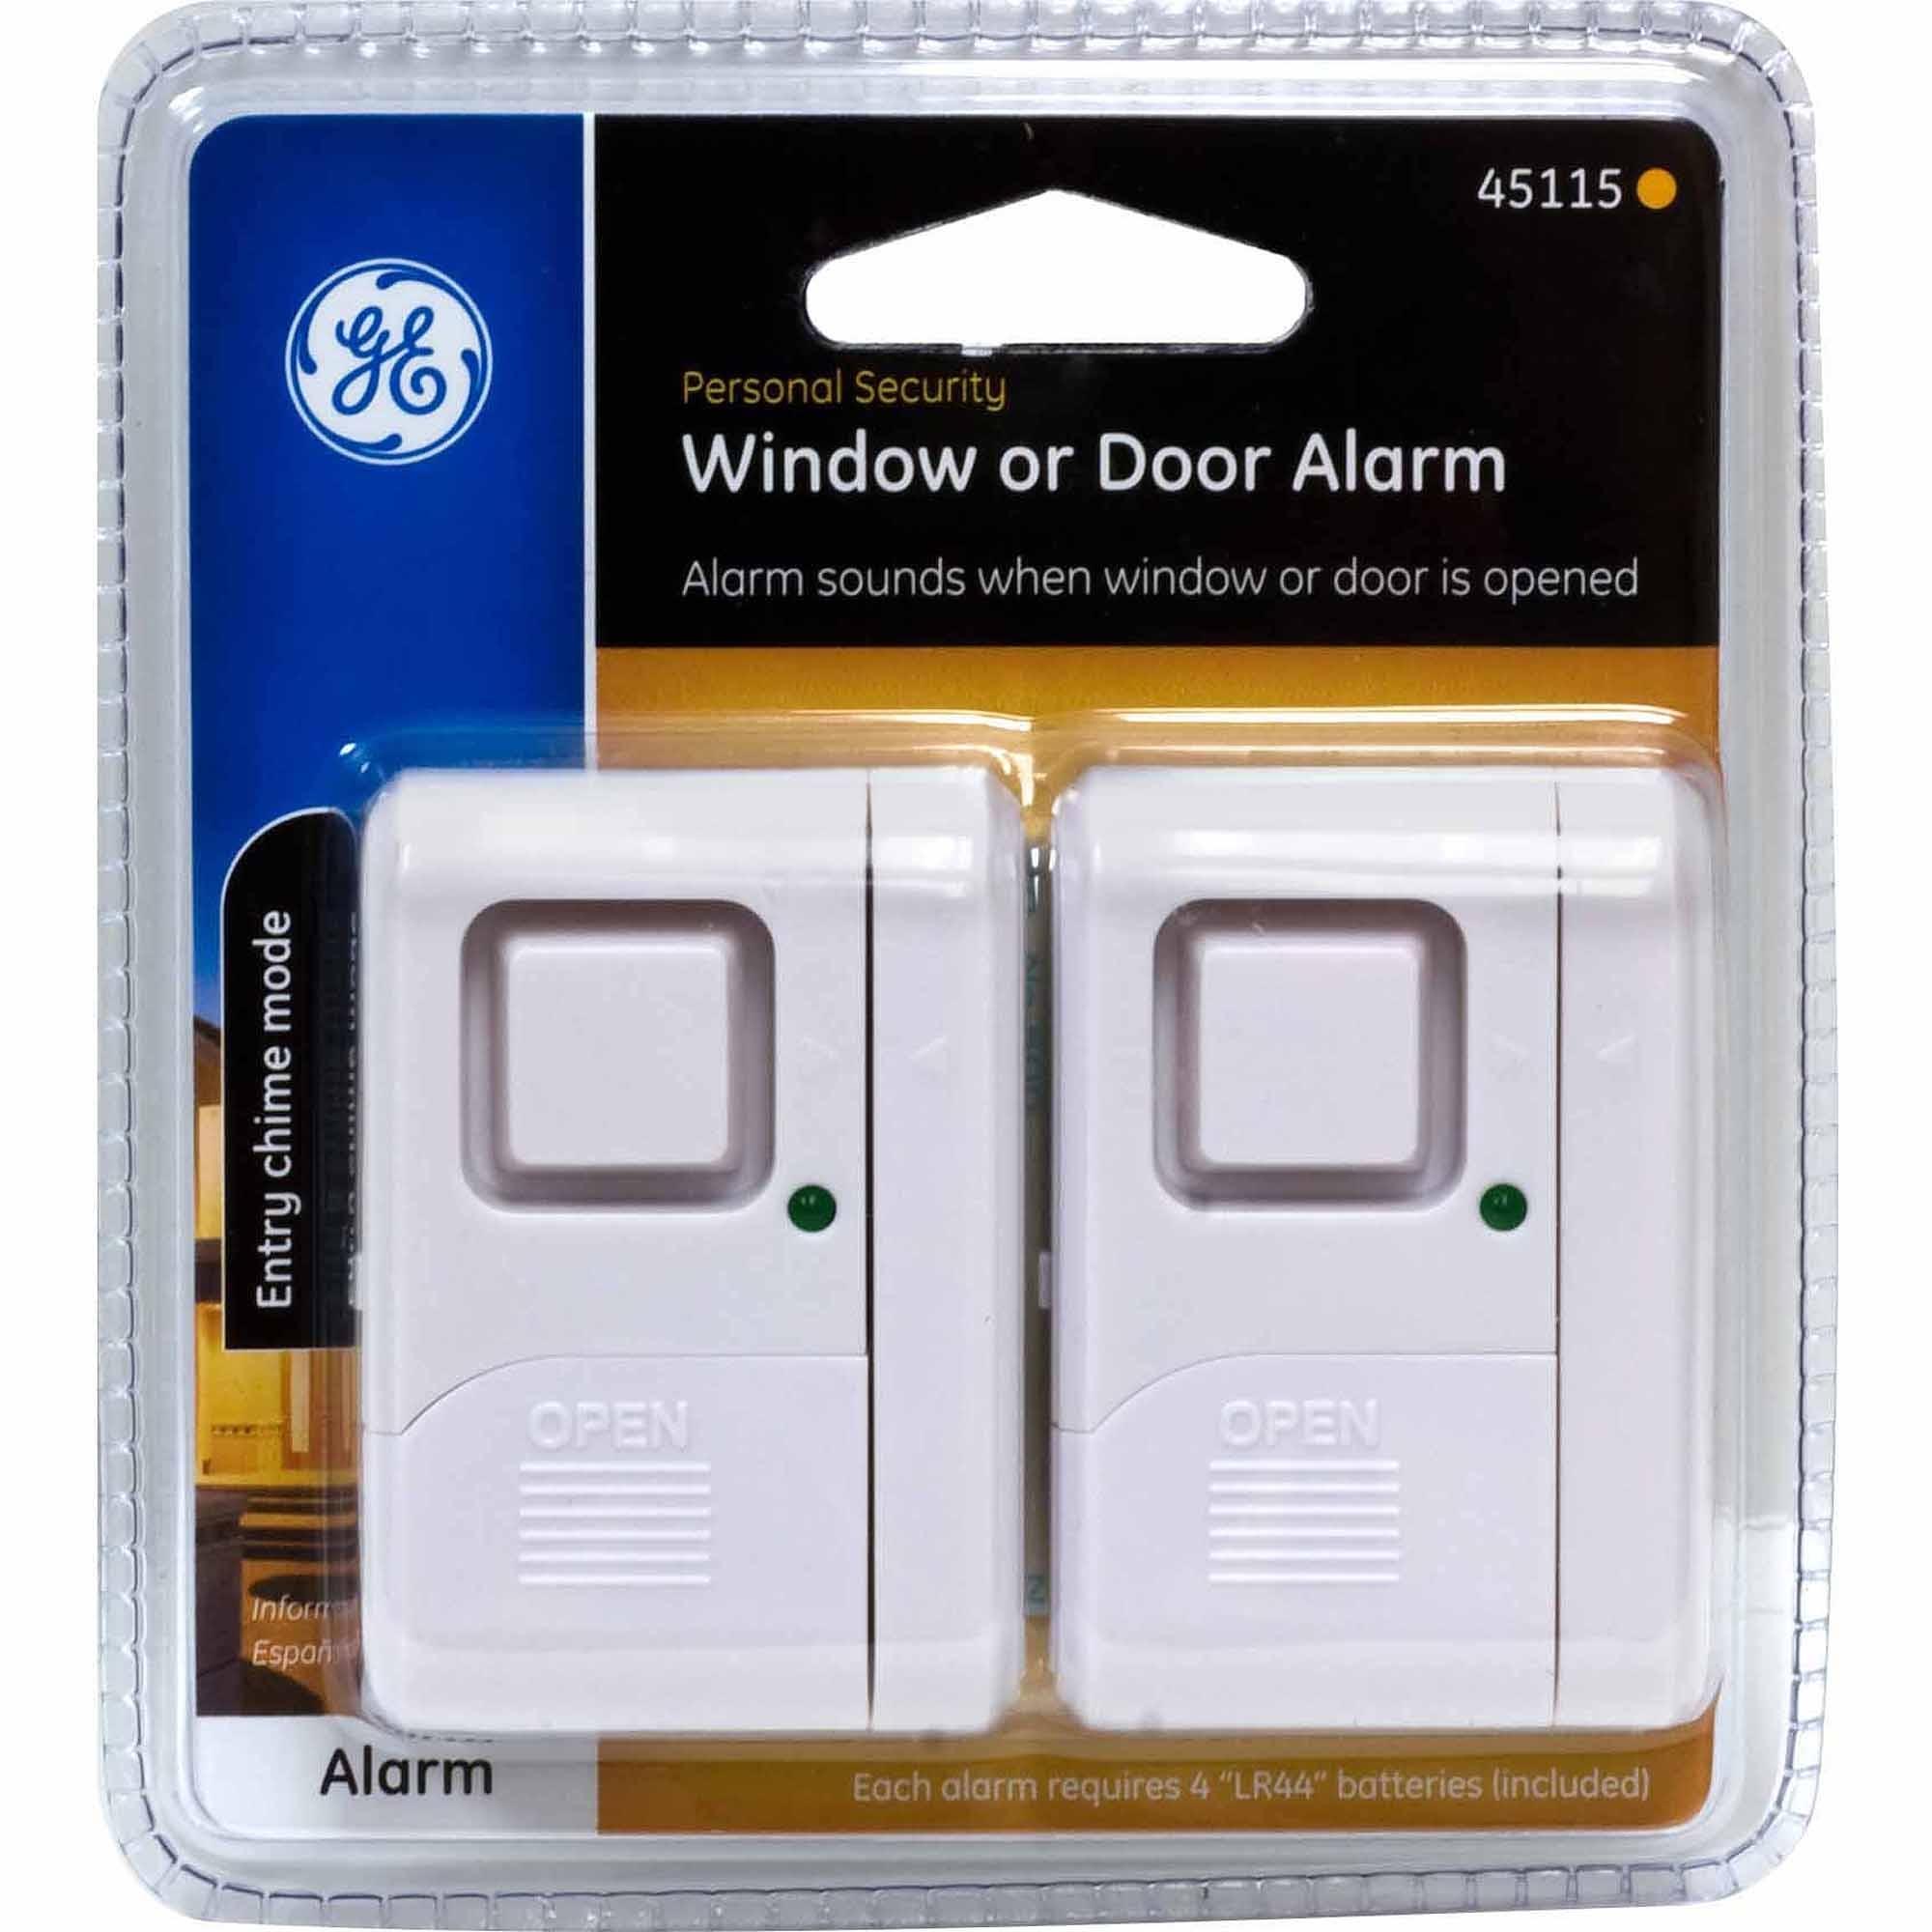 Wireless Sliding Door Alarmssliding door alarm photo album woonv handle idea